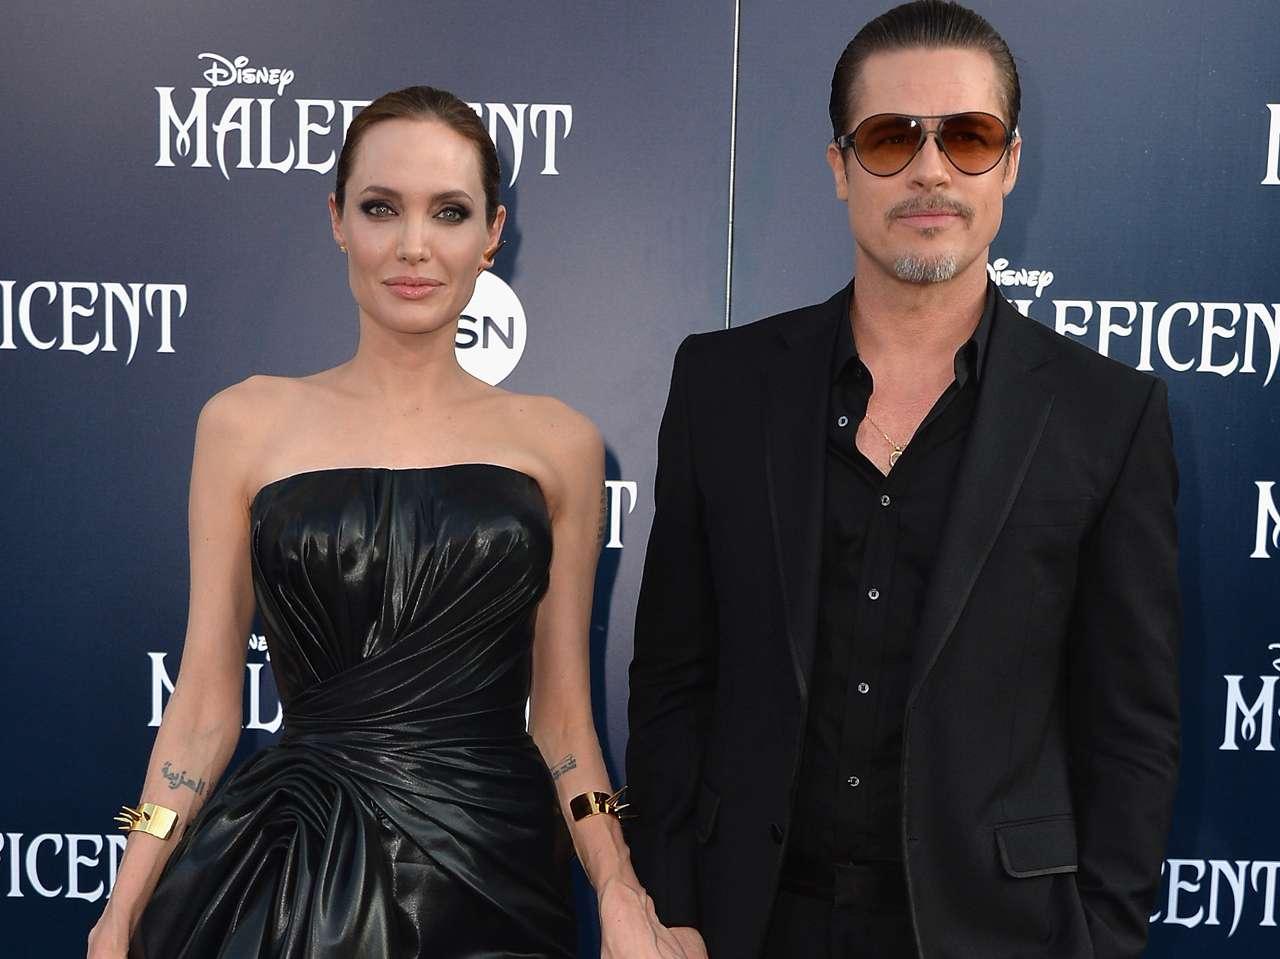 A tres meses de casados, Angelina y Brad Pitt son captados discutiendo. Foto: Getty Images